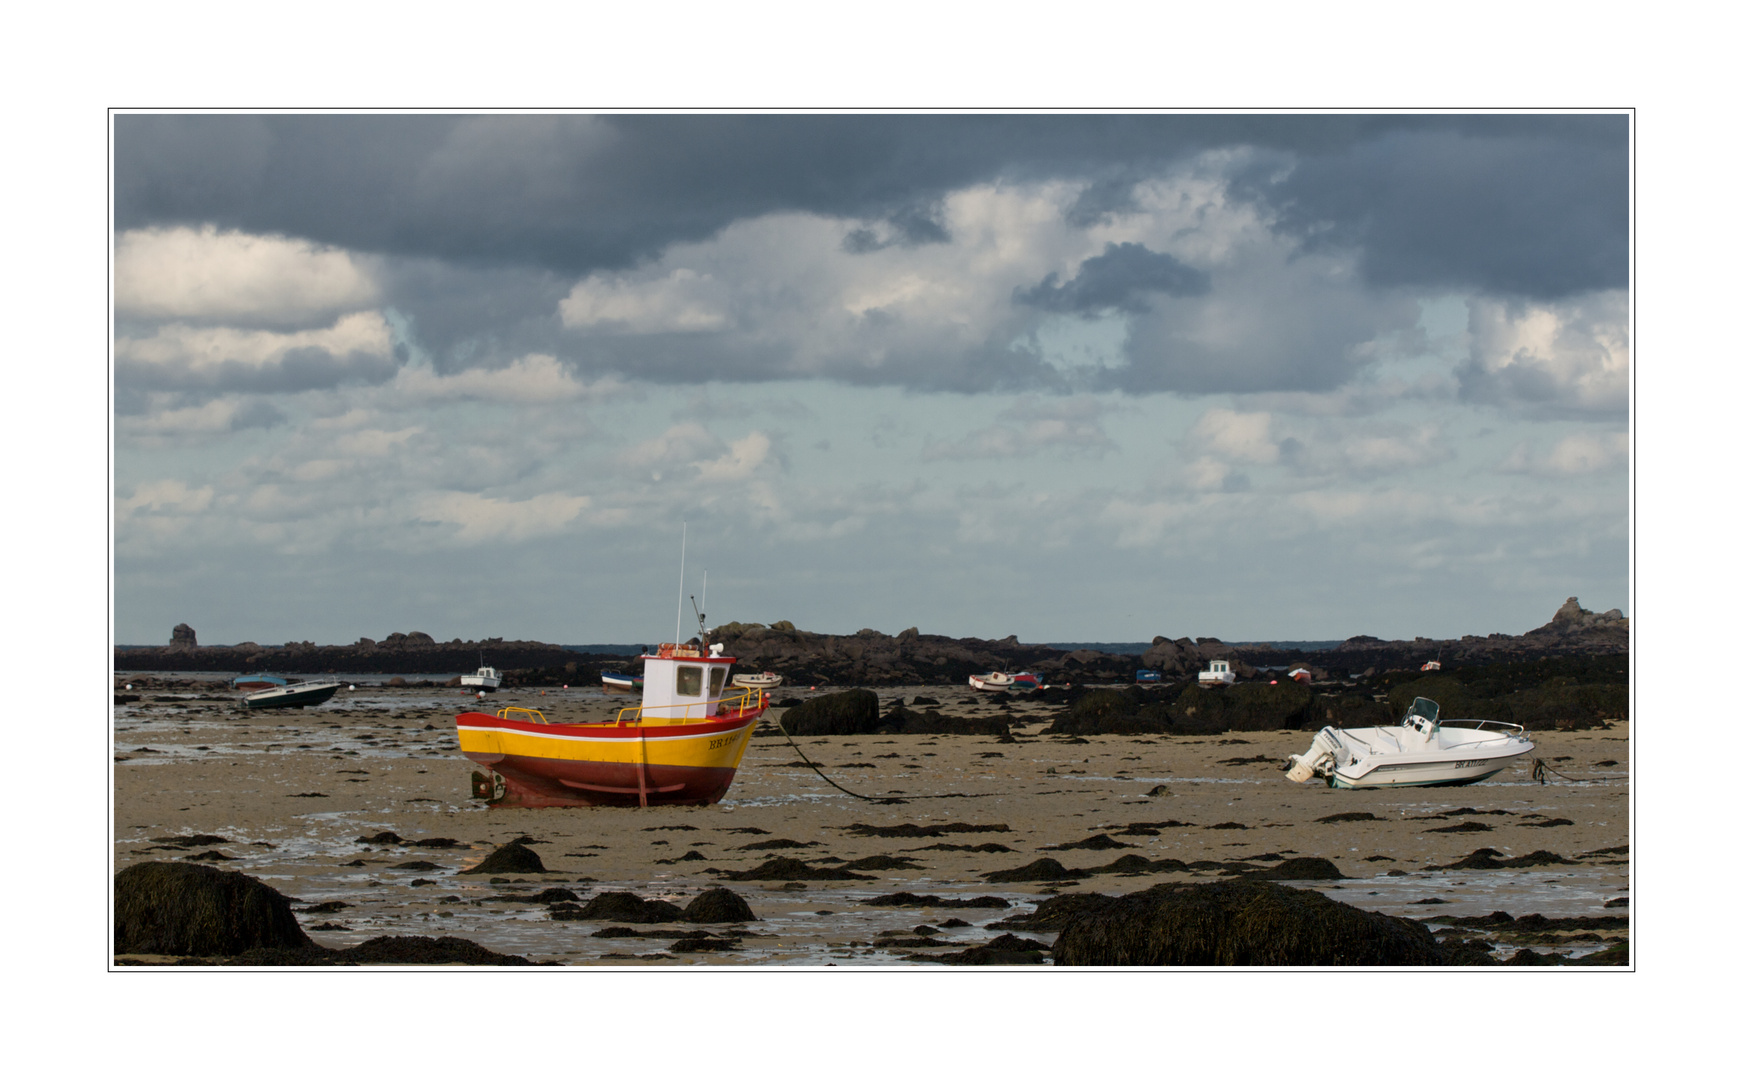 Lilia, le bateau jaune et rouge